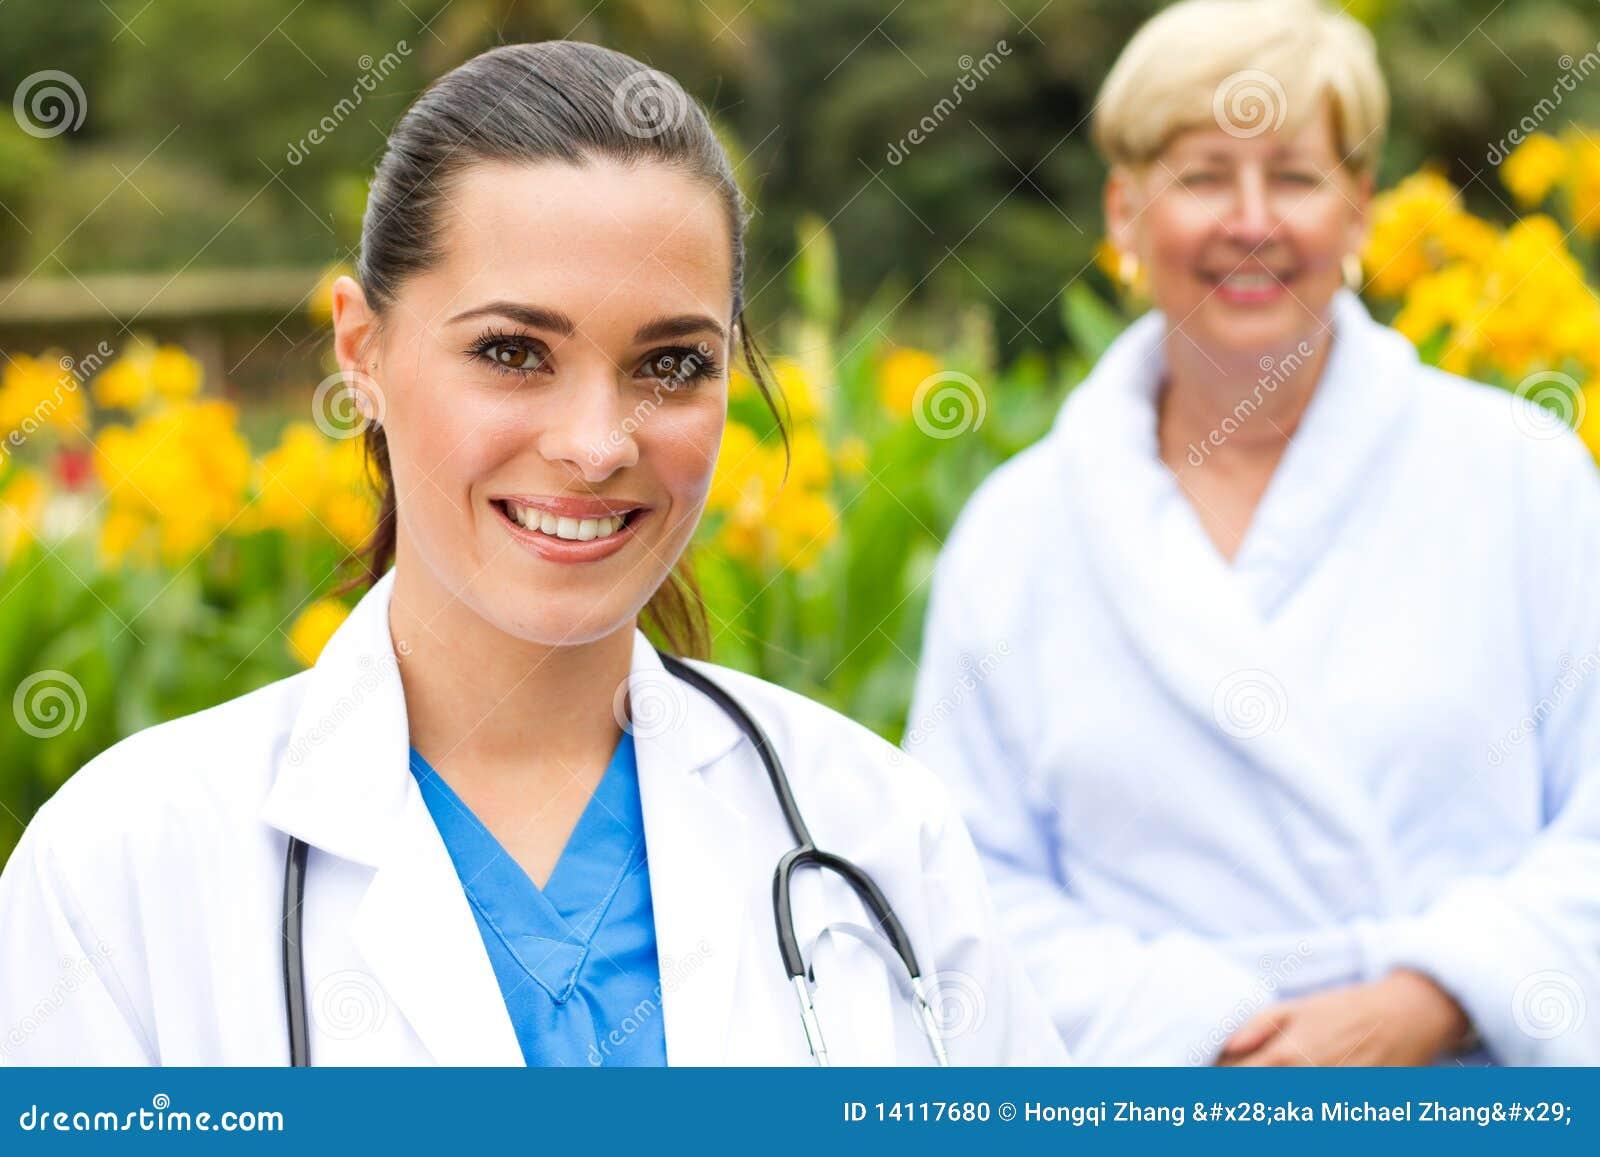 Смотреть про гинеколога 22 фотография